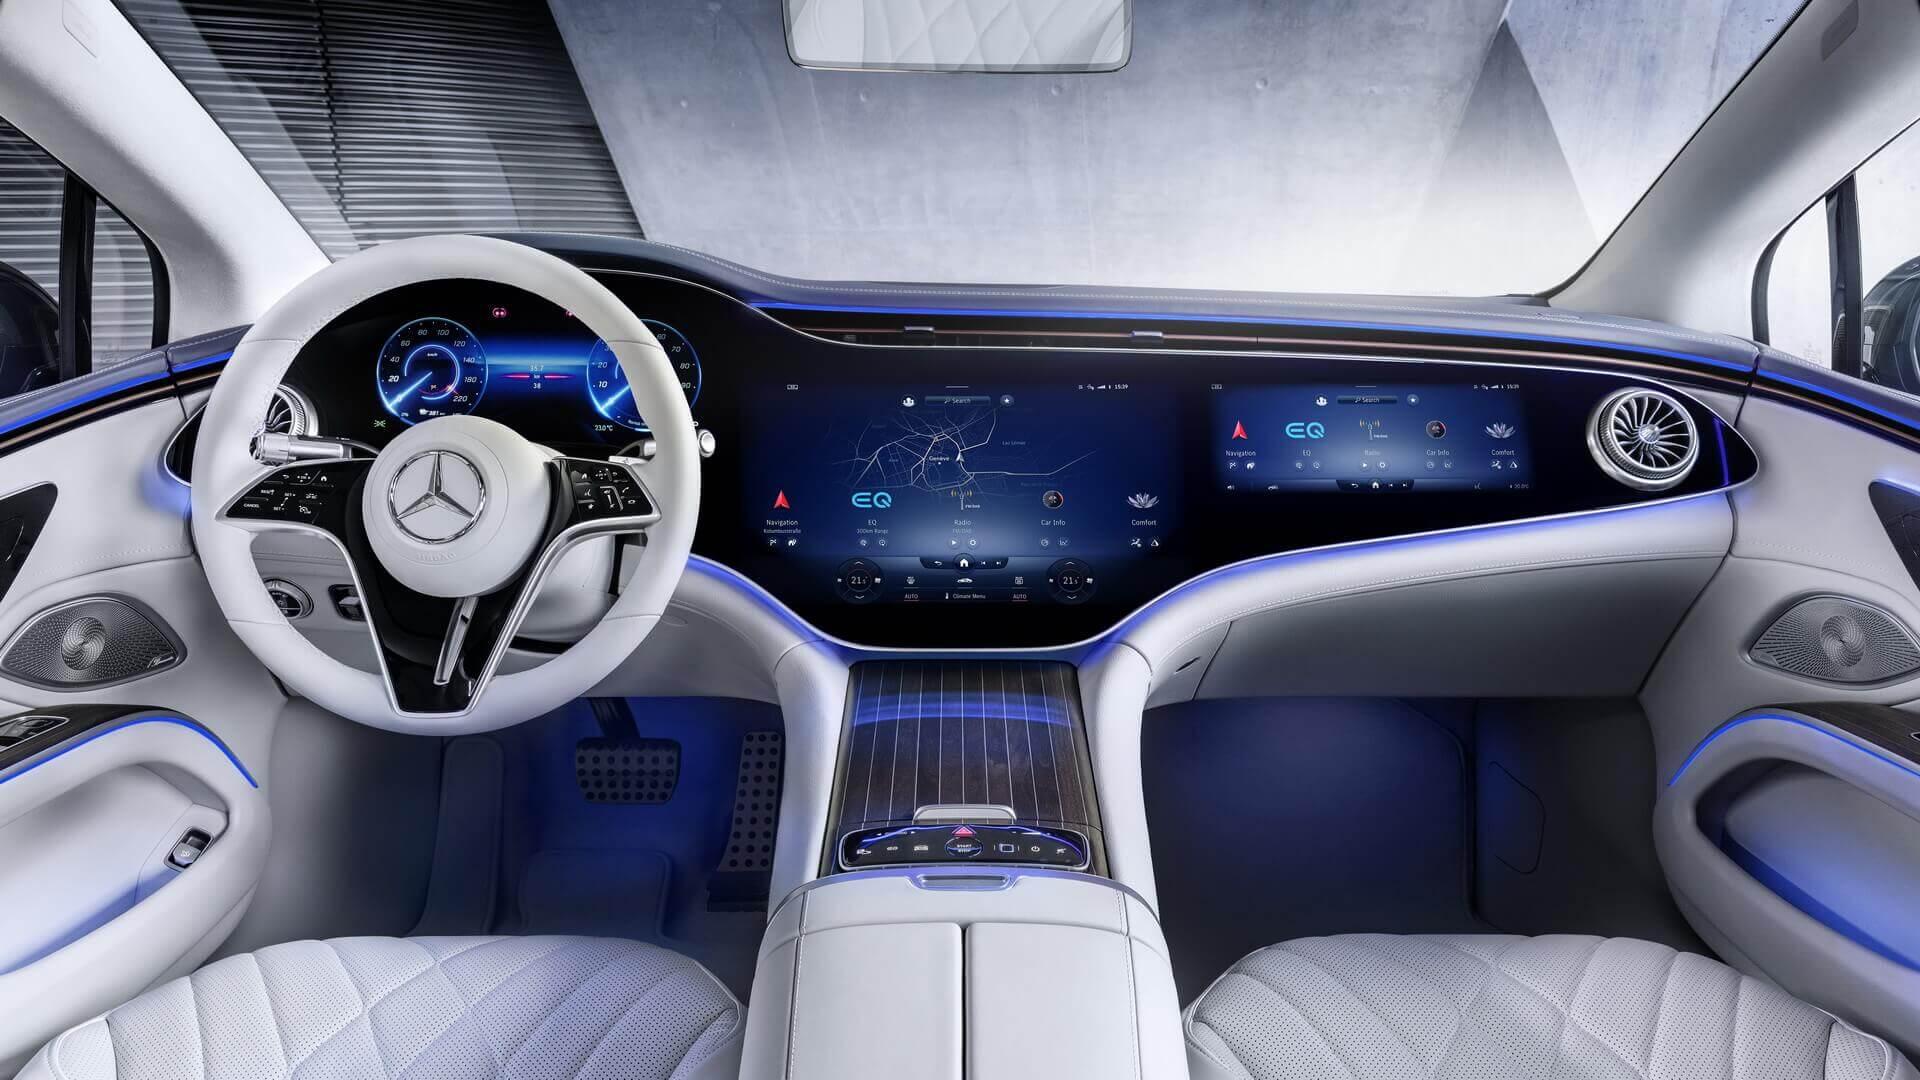 Mercedes-Benz показал интерьер EQS с интегрированным дисплеем MBUX Hyperscreen